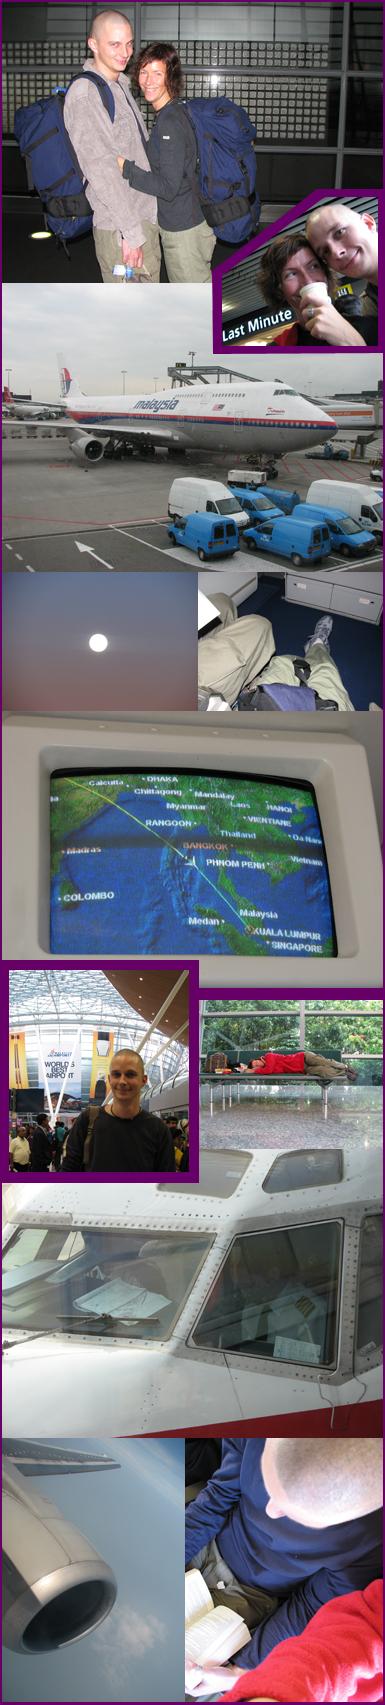 Naar 't vliegveld - 1 uur - van Schiphol naar Kuala Lumpur - 11 uur - wachten op Kuala Lumpur - 3 uur - van Kuala Lumpur naar Phnom Penh - 2,5 uur - dingen regelen op 't vliegveld en naar 't centrum van Phnom Penh - 2 uur -